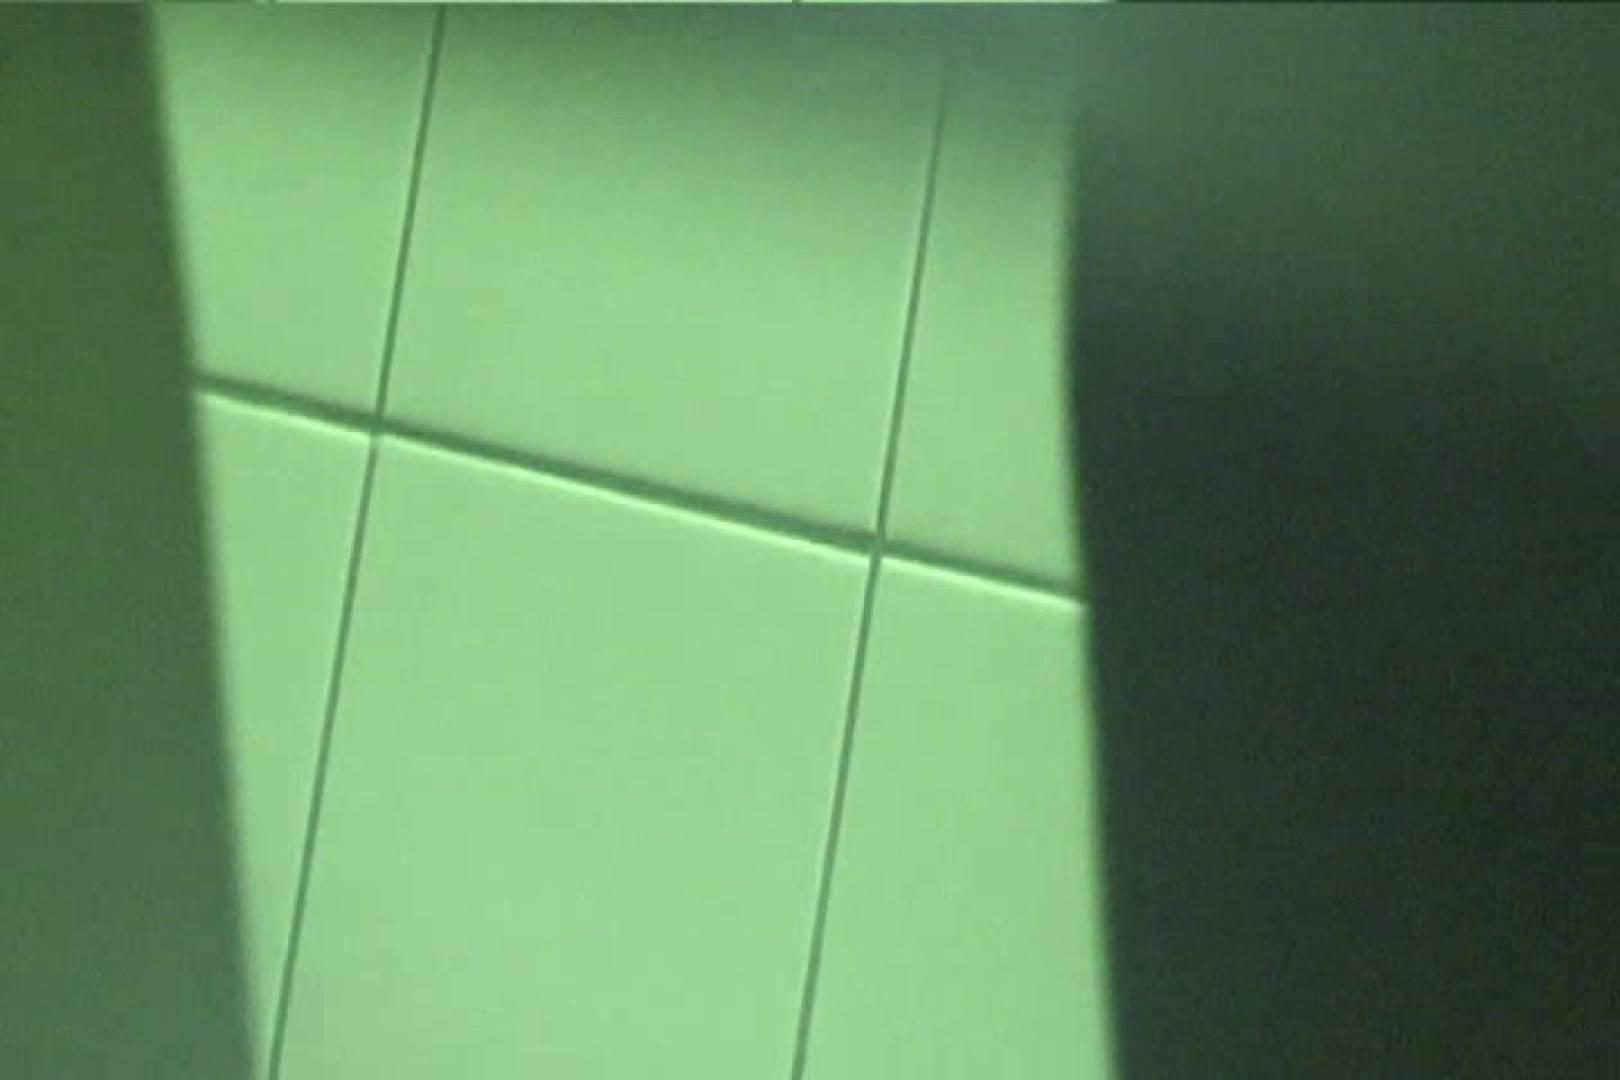 マンコ丸見え女子洗面所Vol.30 無修正マンコ おまんこ無修正動画無料 109PIX 59